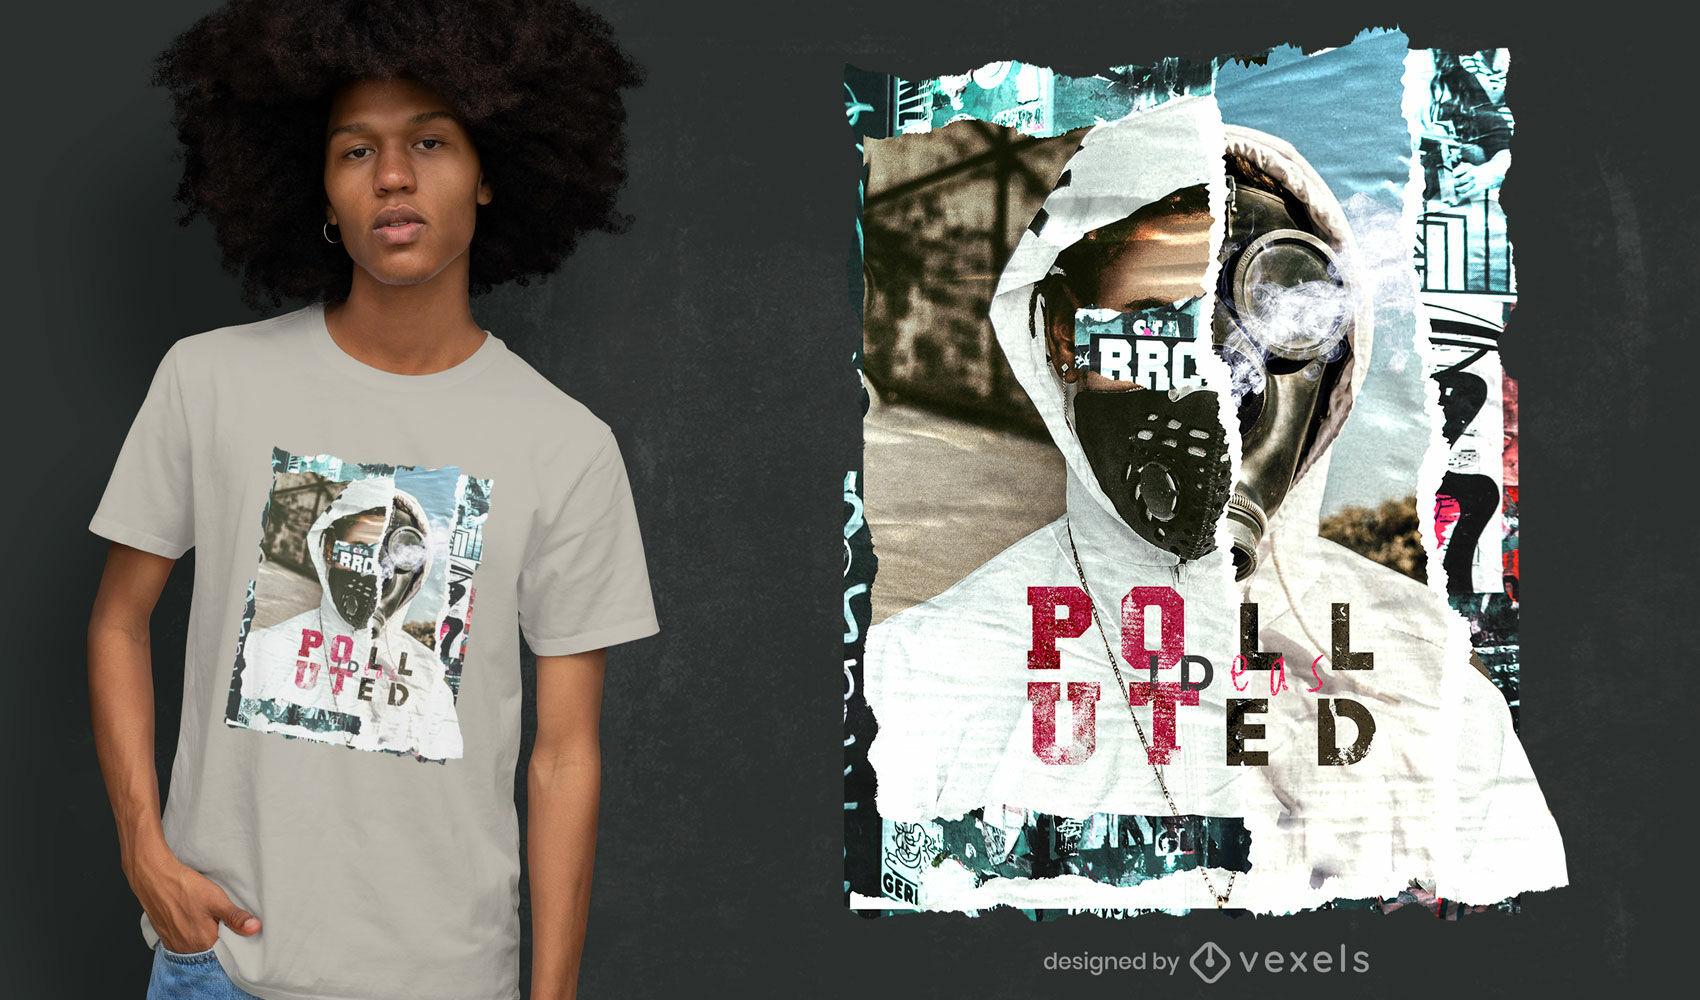 Dise?o de camiseta psd collage contaminado